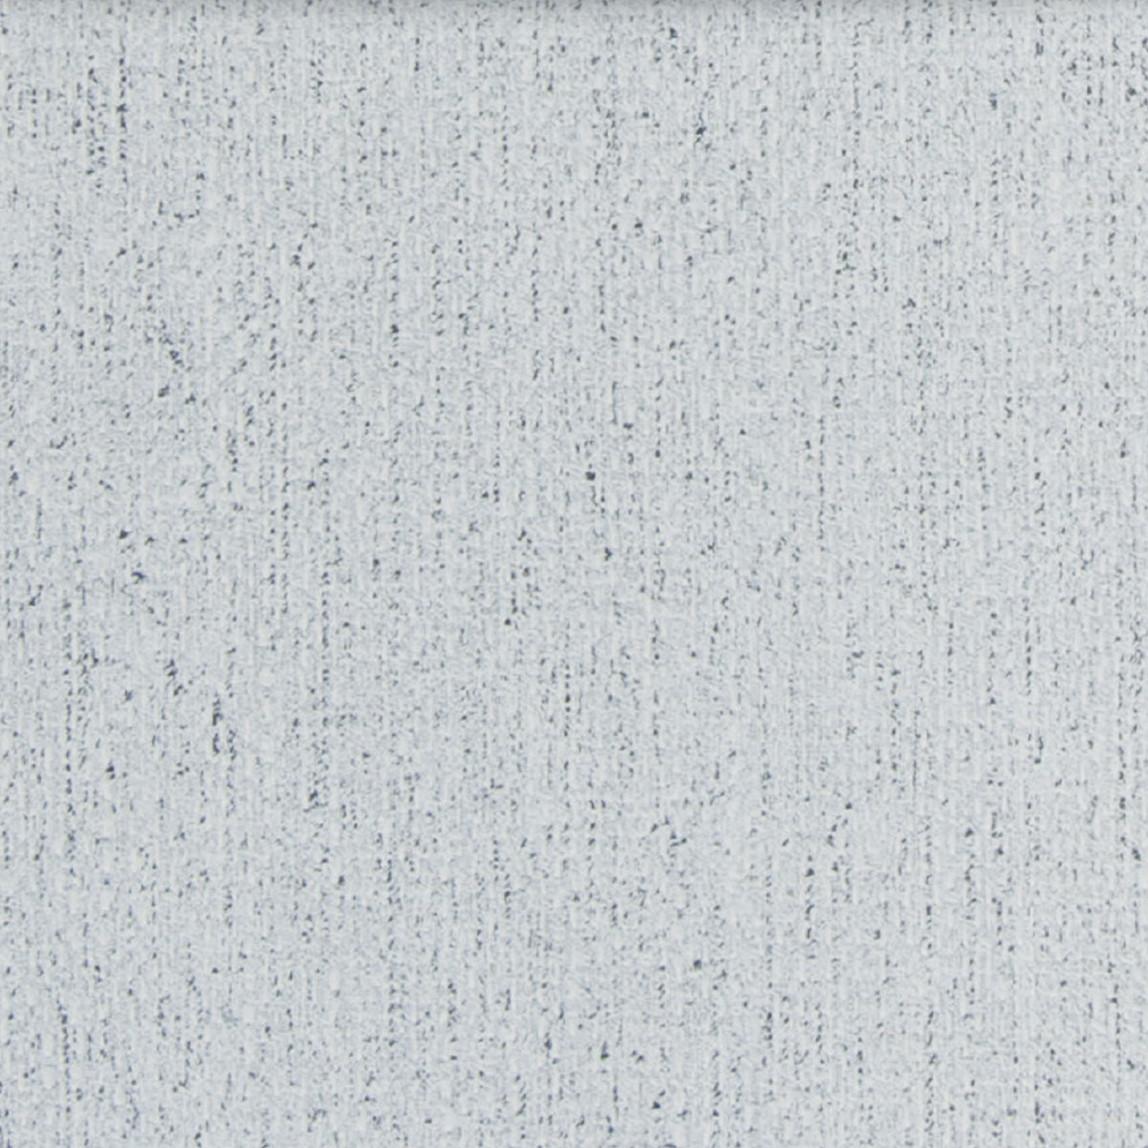 Yağmur Çuval - Gri Duvar Kağıdı